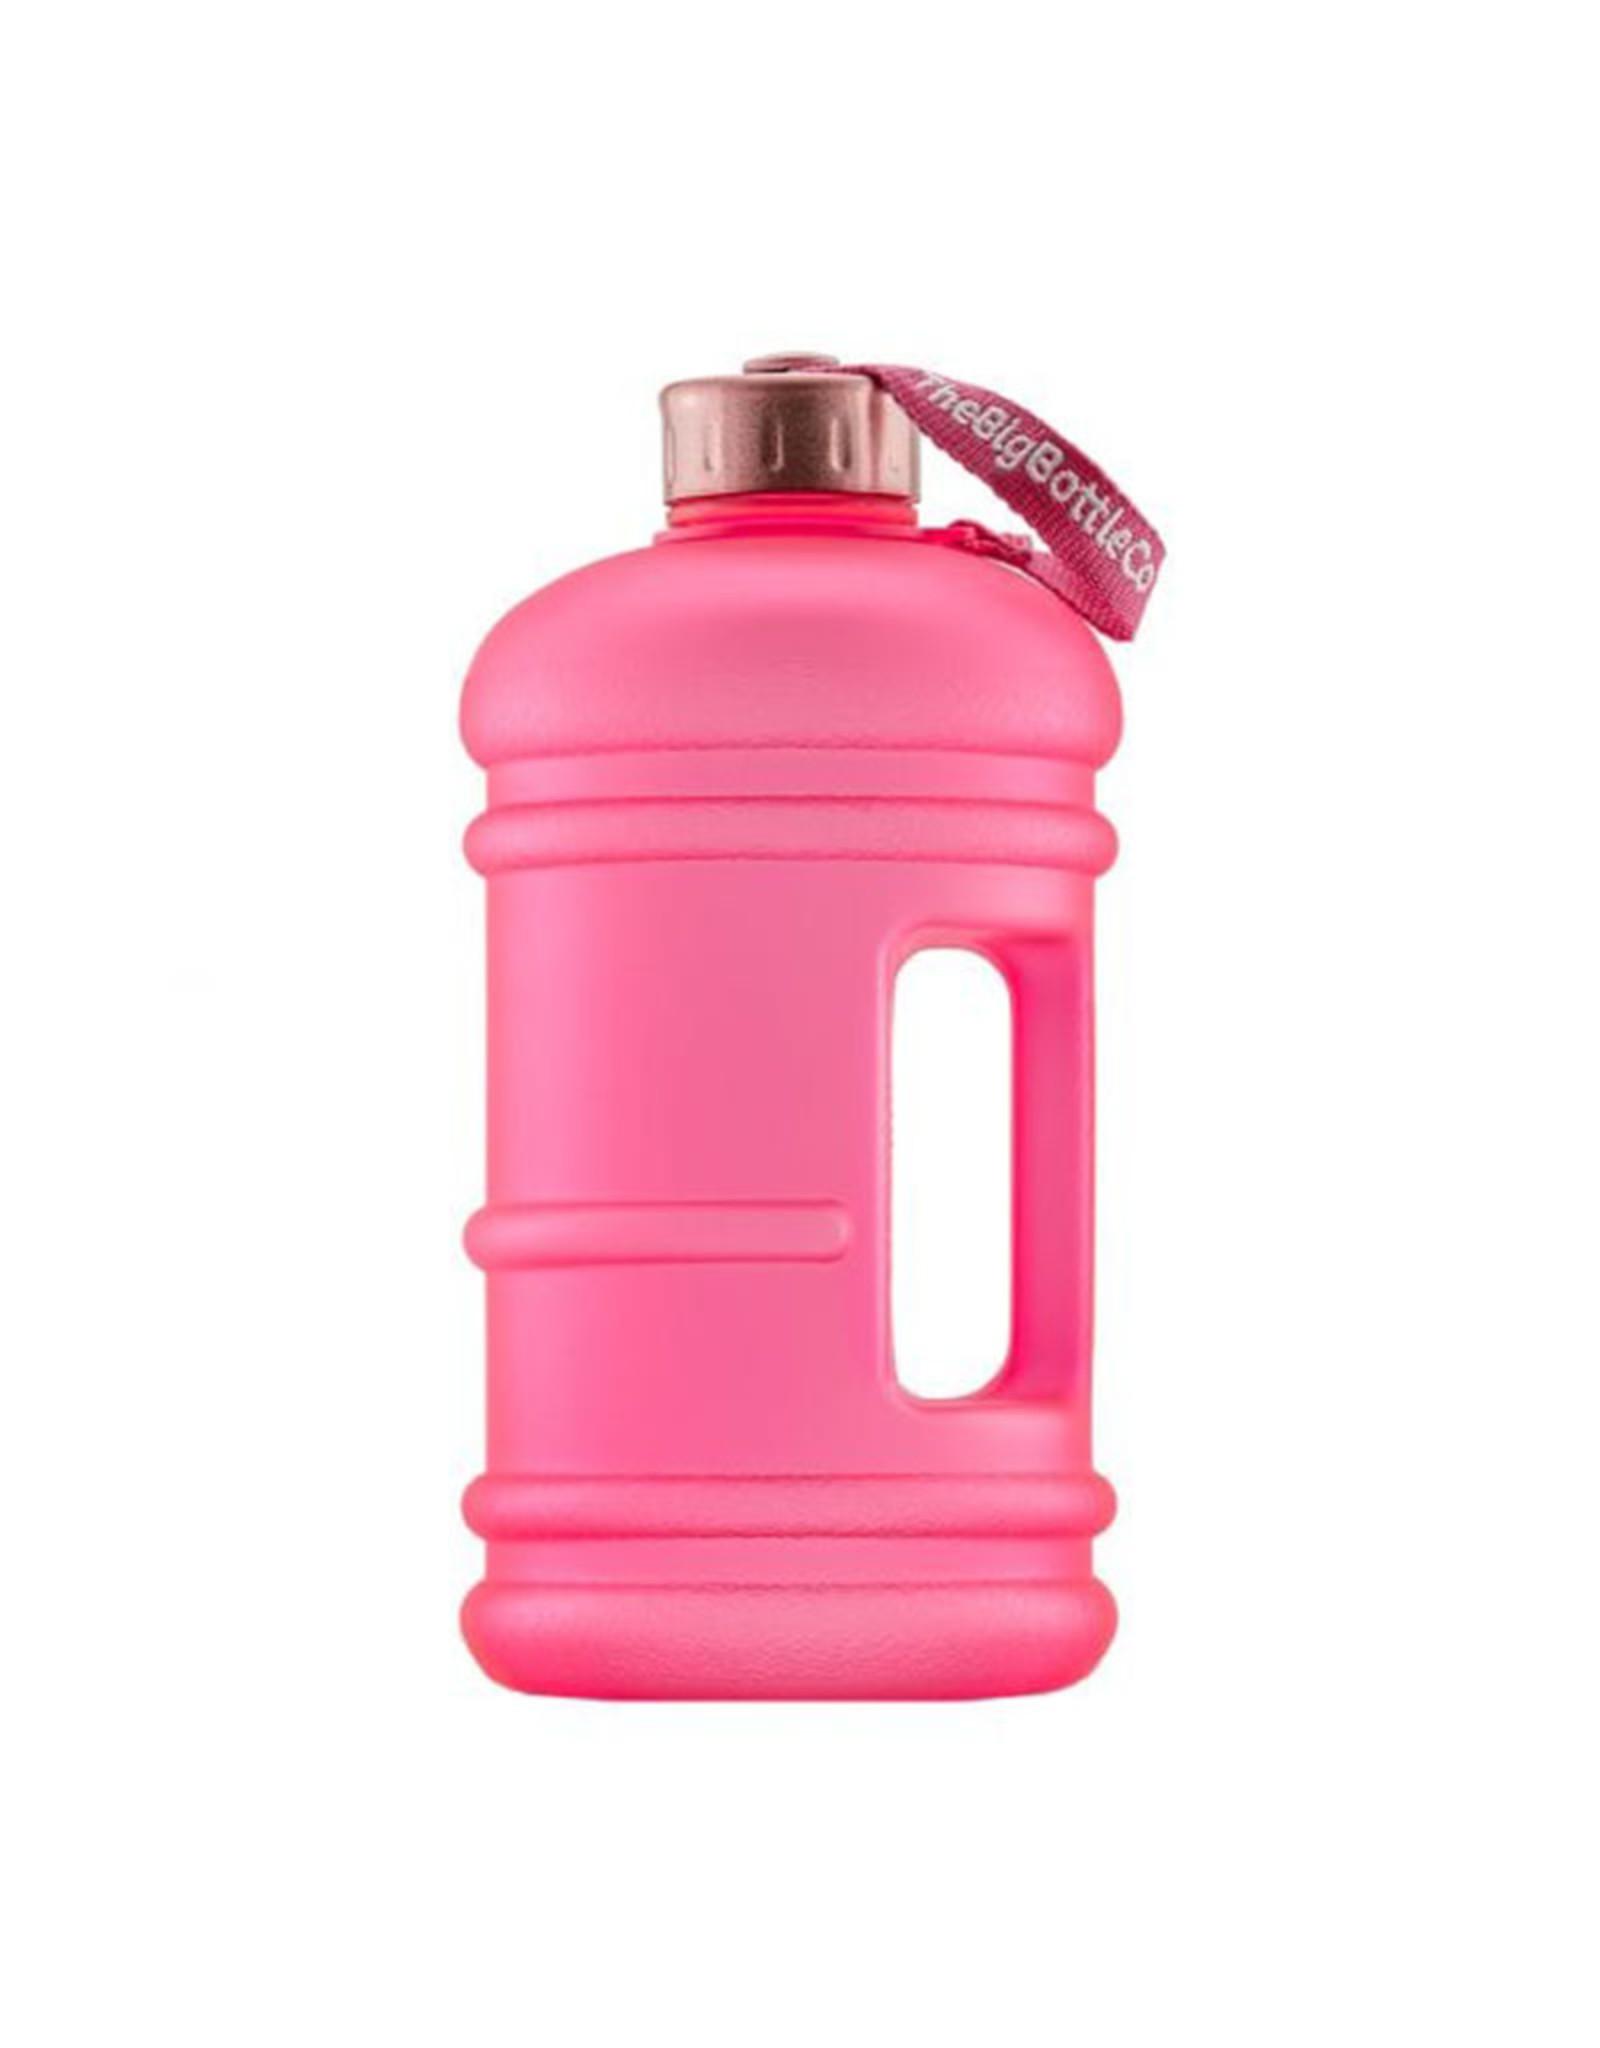 Big Bottle Co. Big Bottle Co. - Rose Gold Collection, Pink (2.2L)